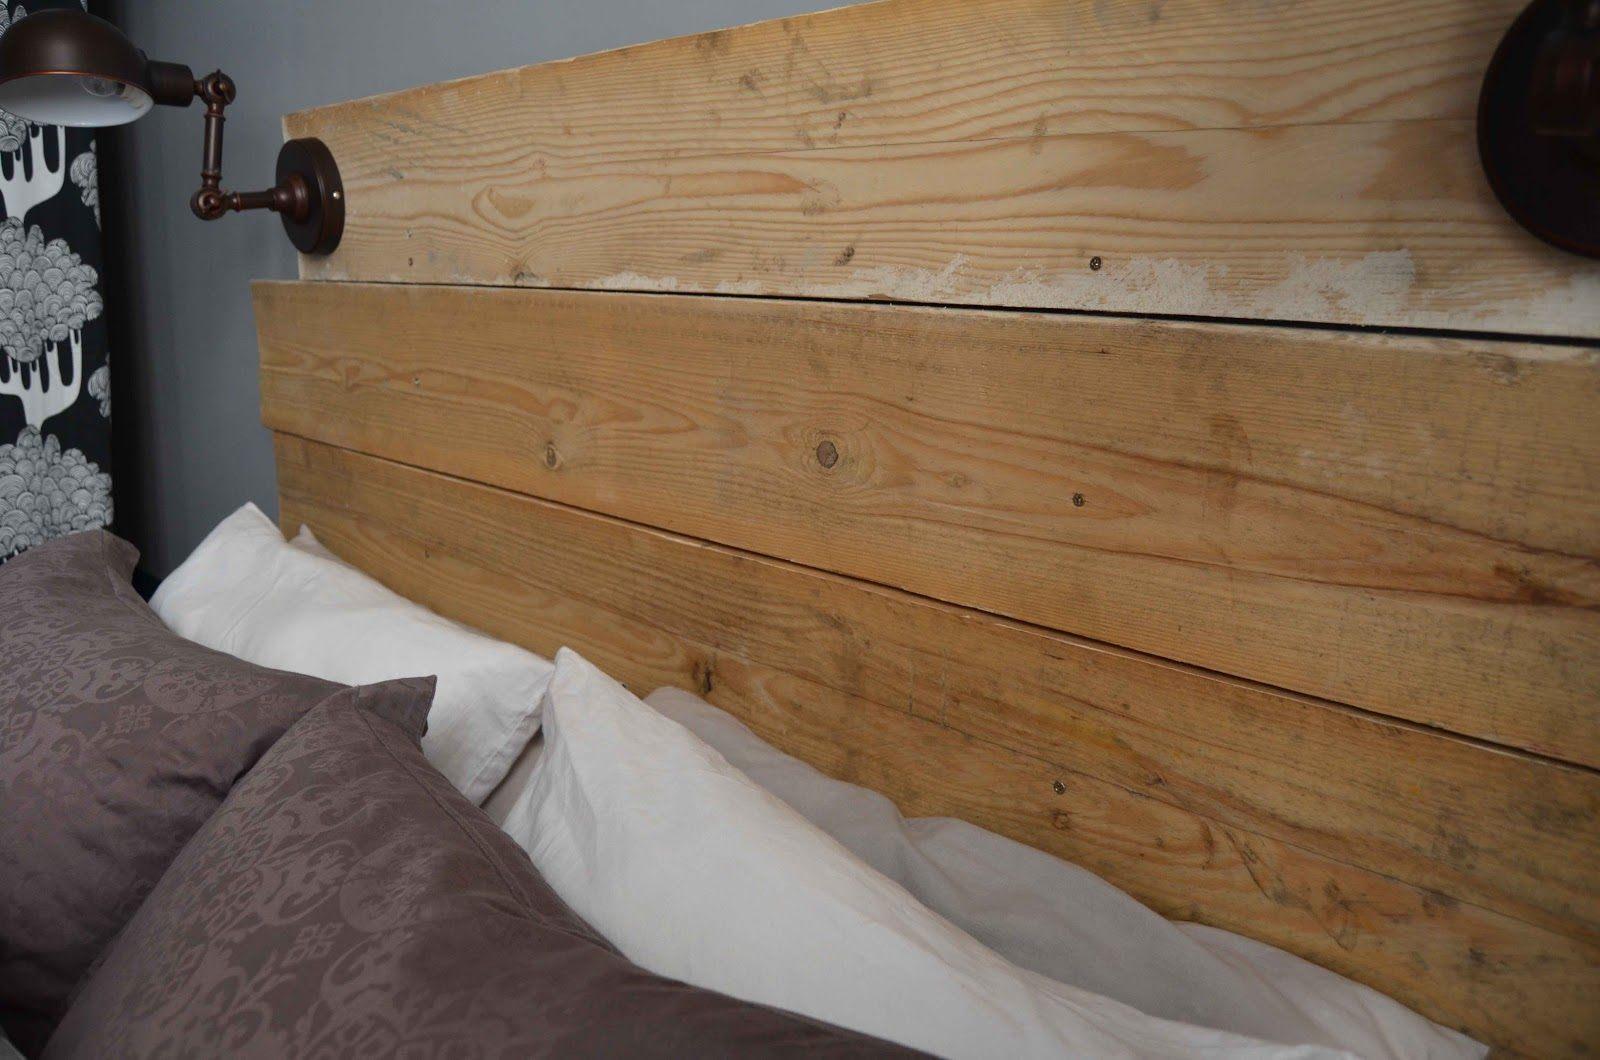 Tete De Lit Planche De Bois Magnifique Tete De Lit Planche De Bois Tete De Lit En Planche Luxe Tetes De